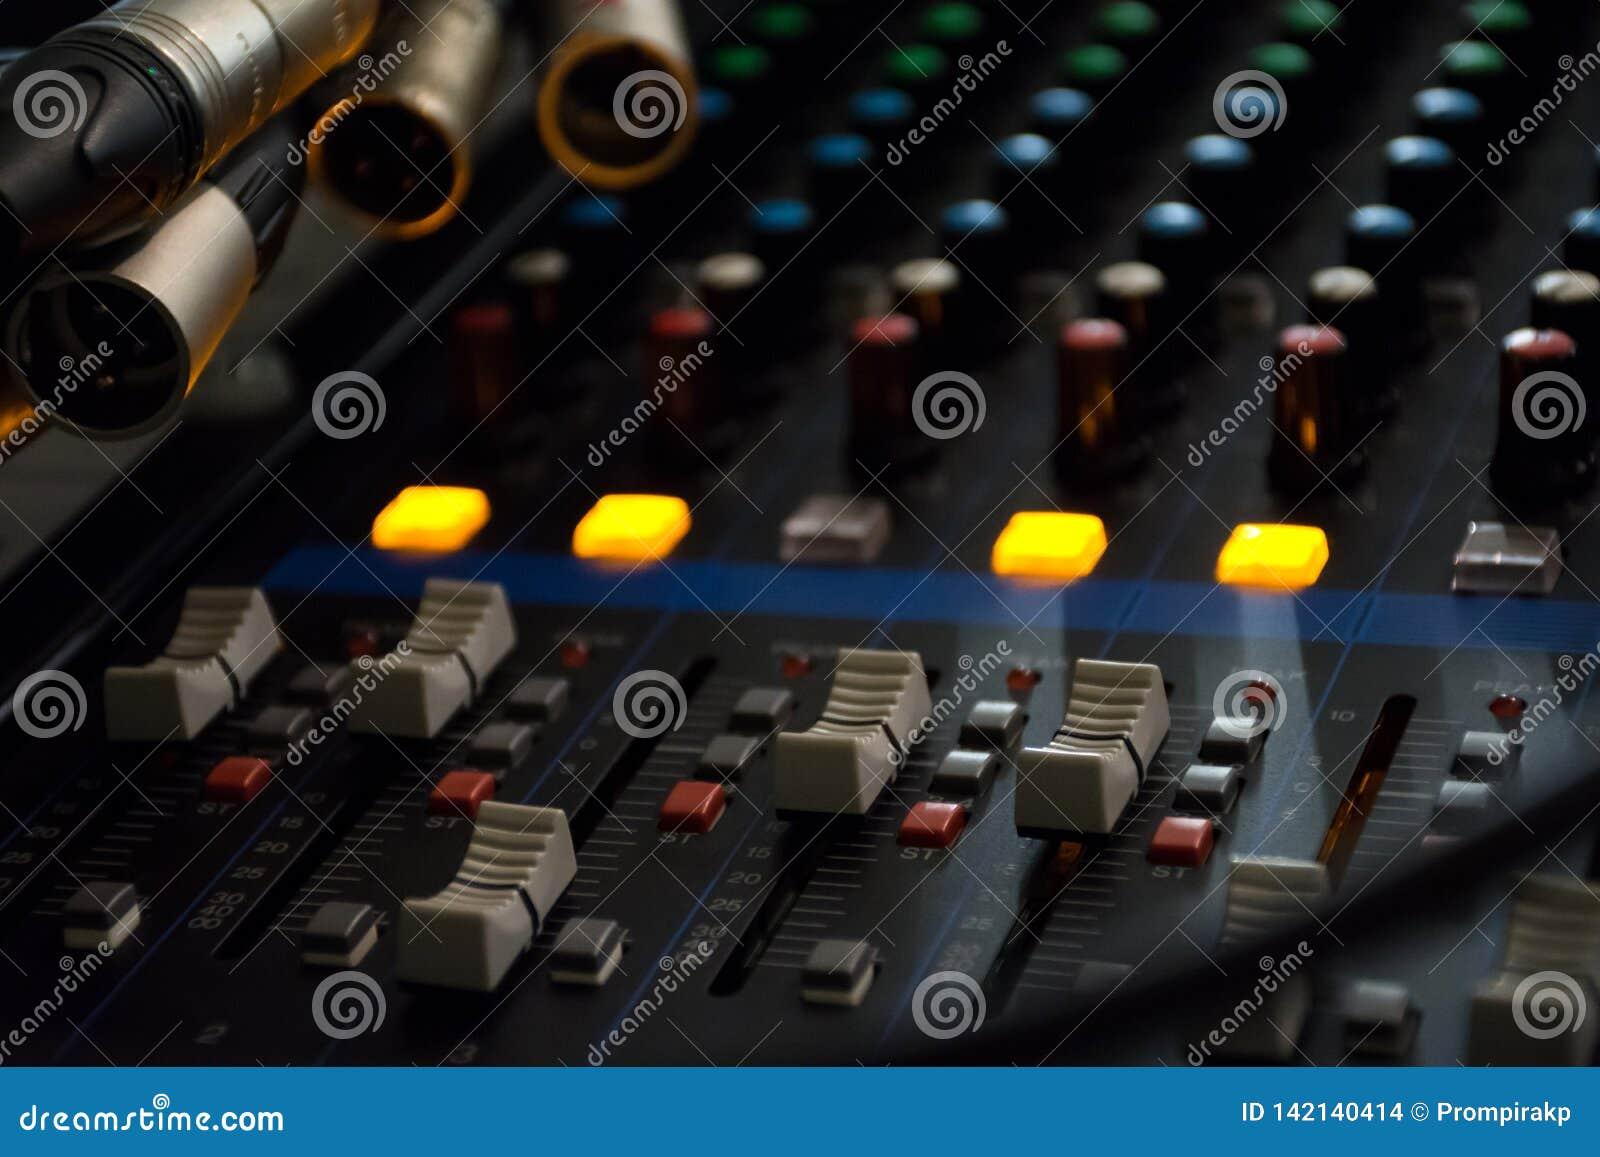 Panel de control del mezclador de sonidos en fondo ligero oscuro en sala de control audio